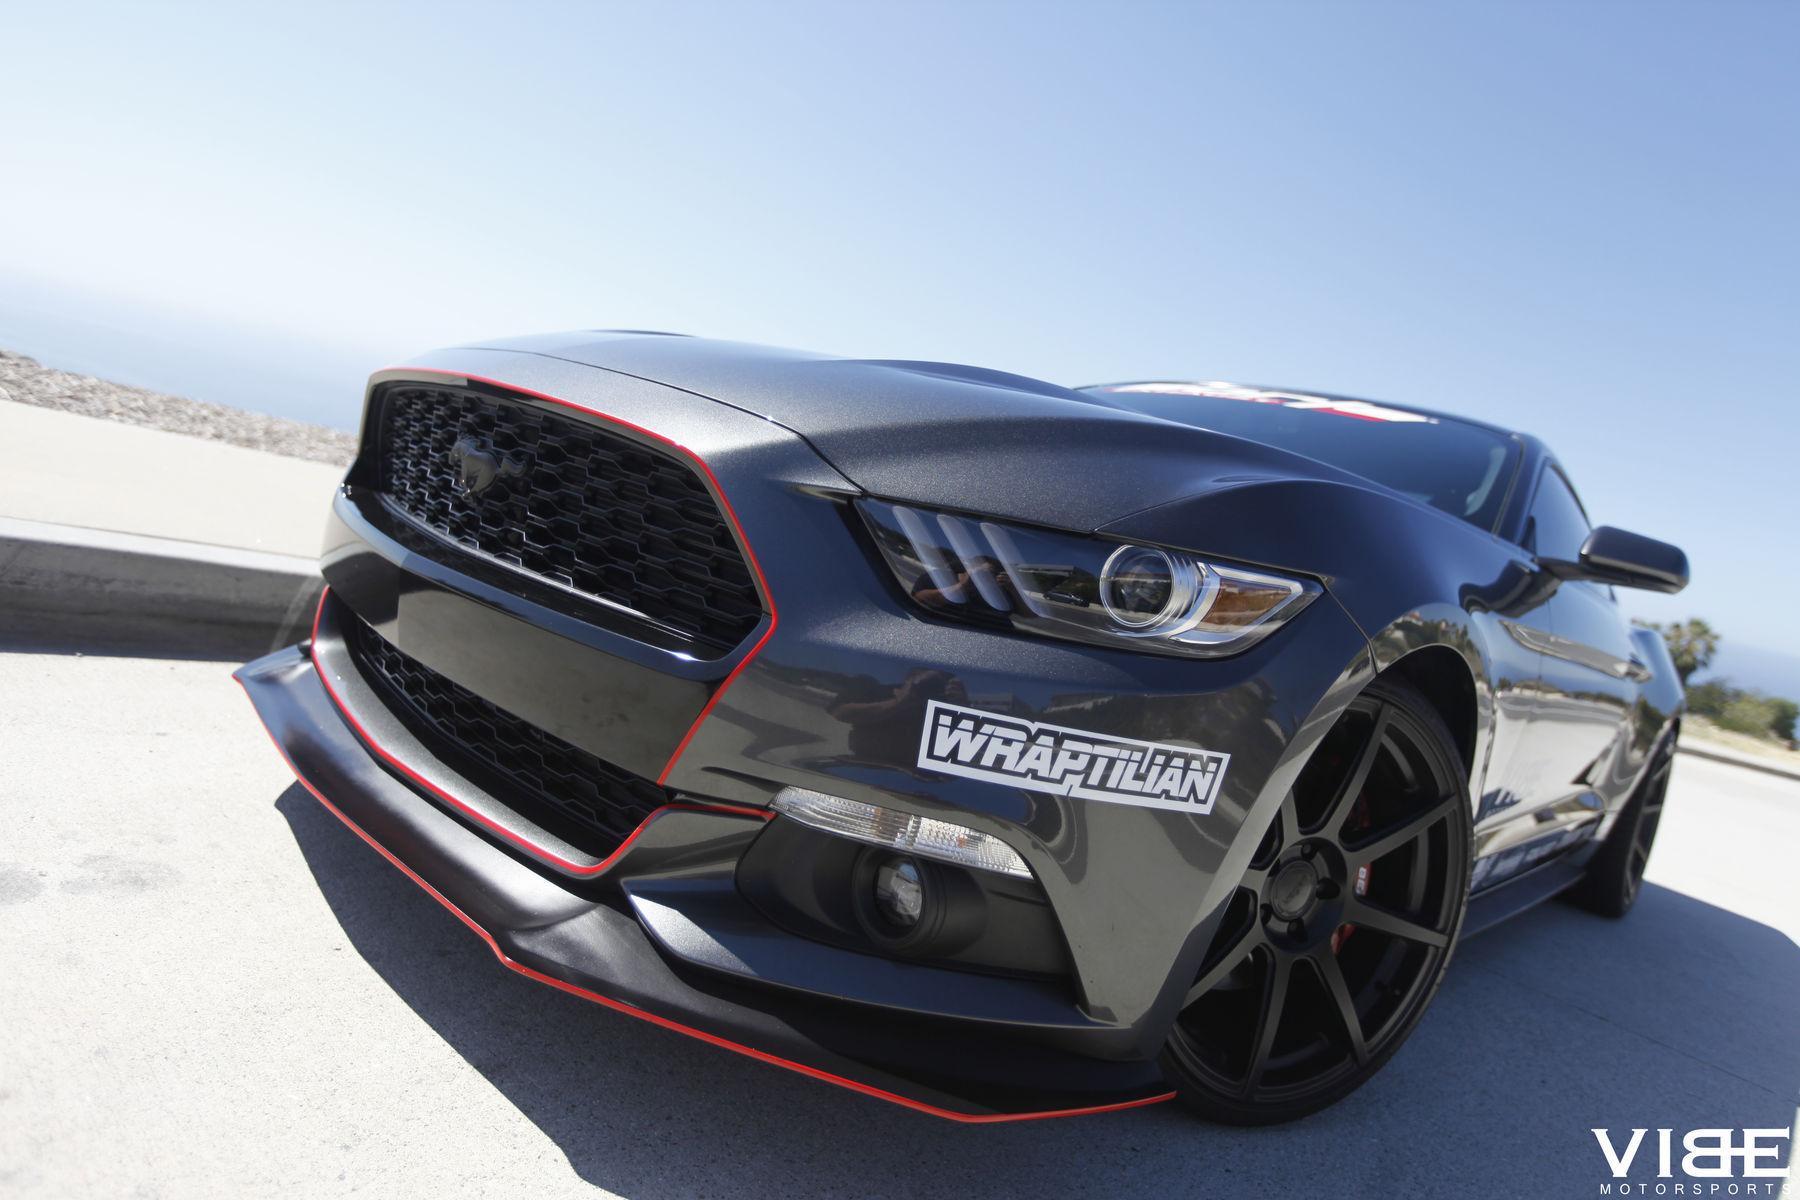 15 Ecoboost Mustang On 20s Aftermarket Velgen Wheels